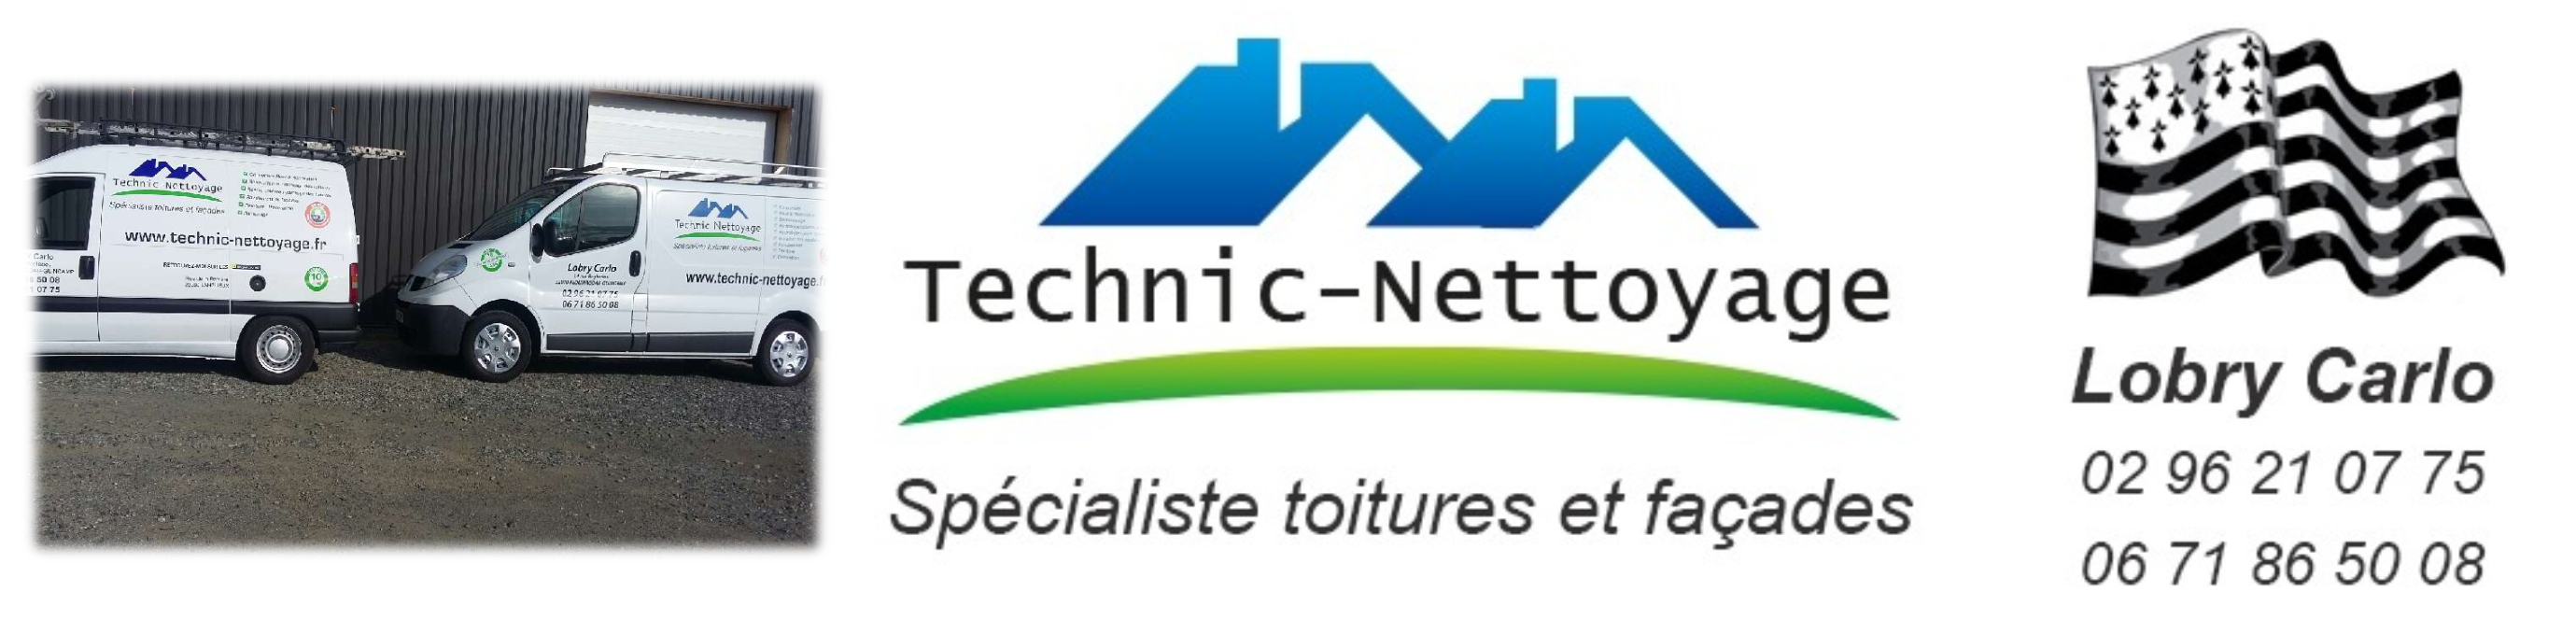 Technic-nettoyage